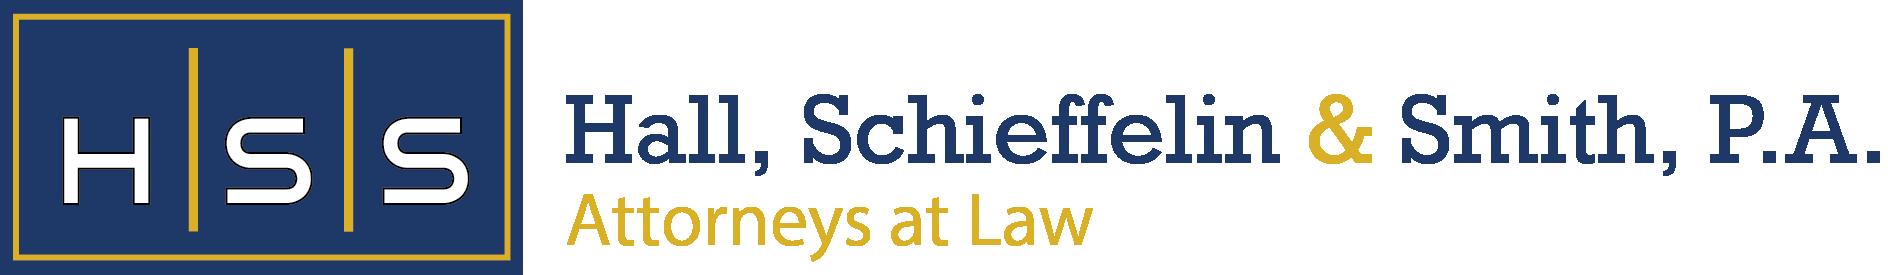 Hall, Schieffelin & Smith, P.A.